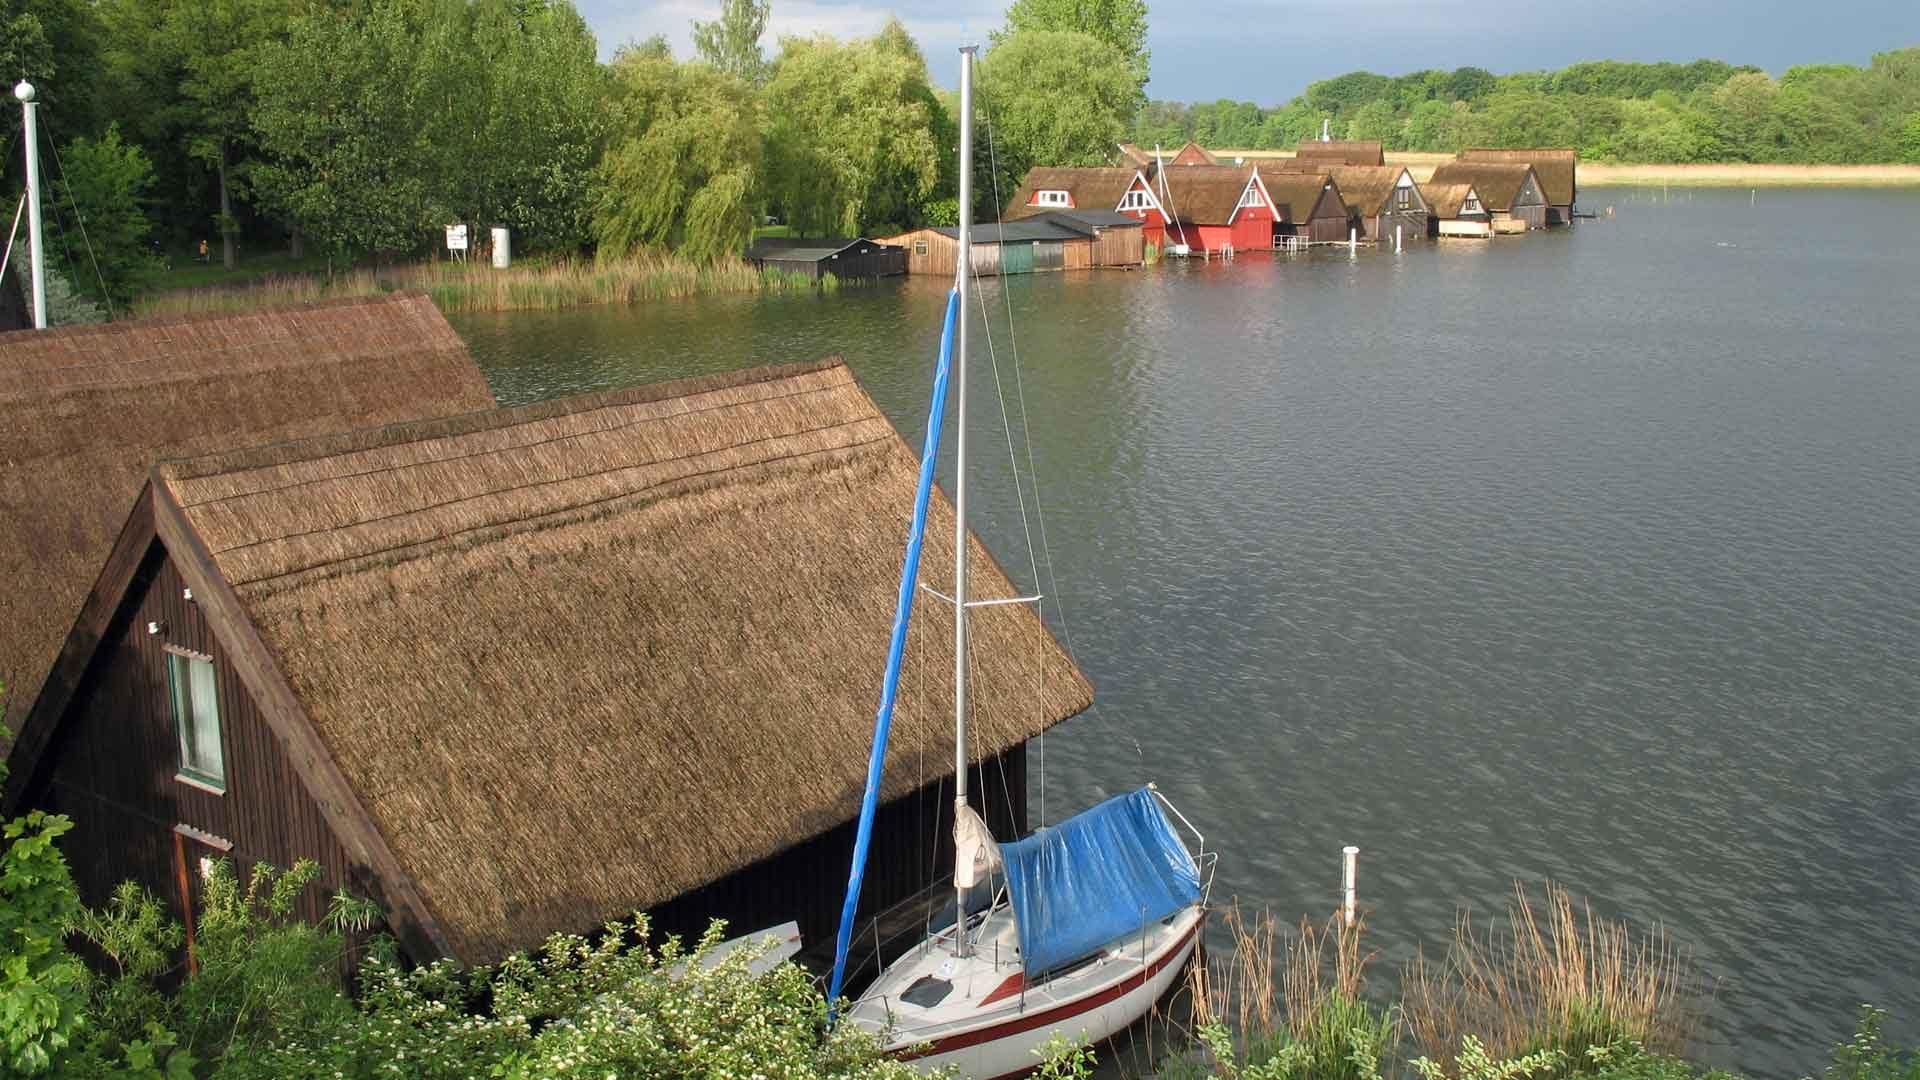 Vissershuisjes in de Müritzsee in het merengebied van Mecklenburg-Vorpommern.